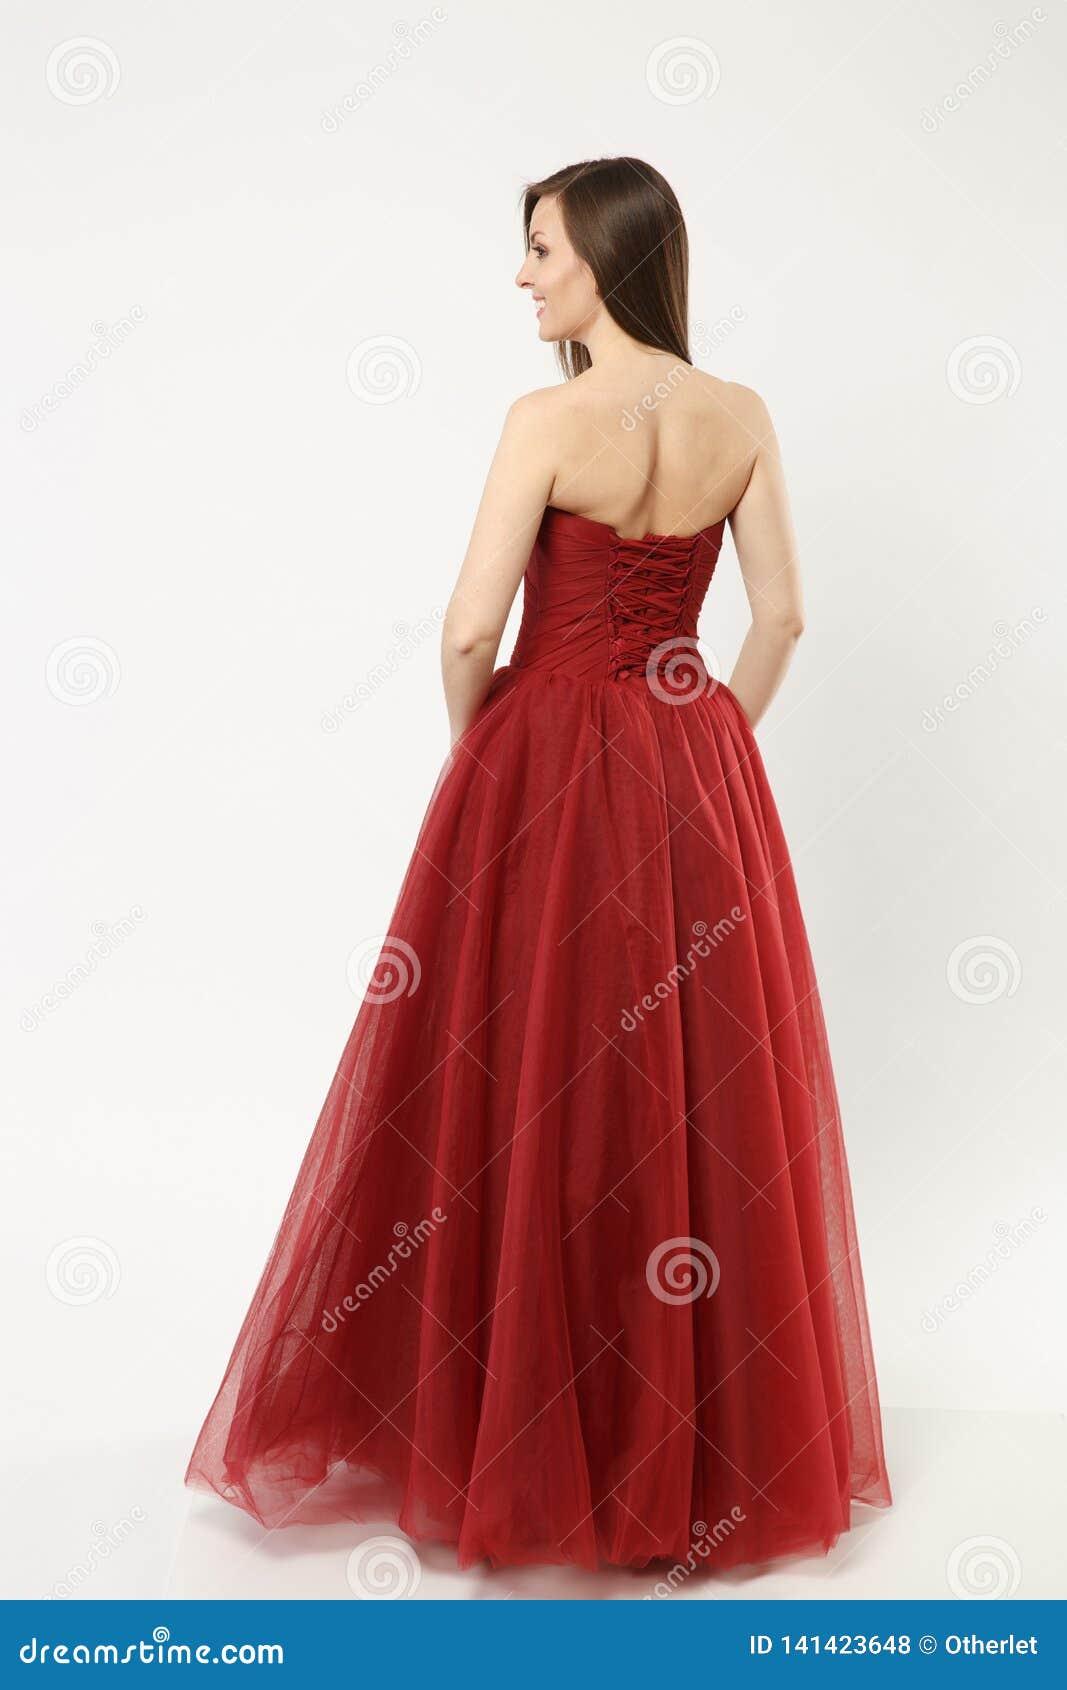 Fullt längdfoto av kvinnan för modemodell som bär elegant posera för kappa för aftonklänning som rött isoleras på vit väggbakgrun